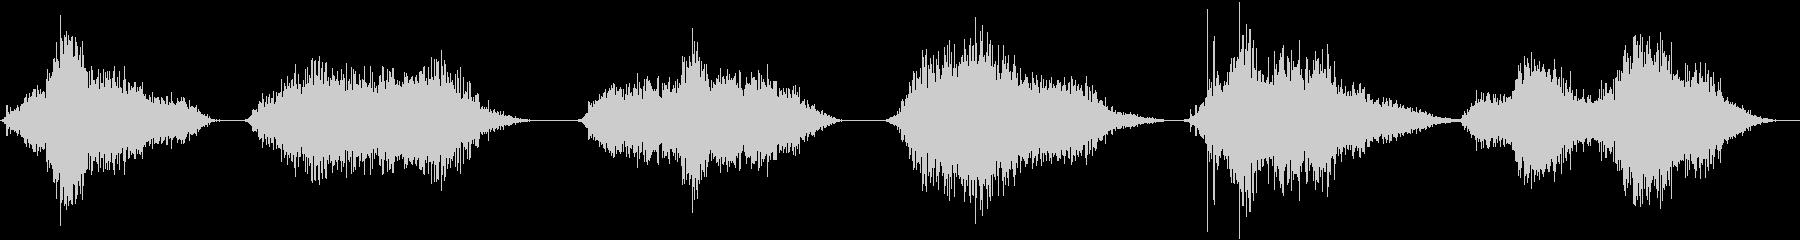 ガーリングブレスクリーチャーヒス&呼吸の未再生の波形